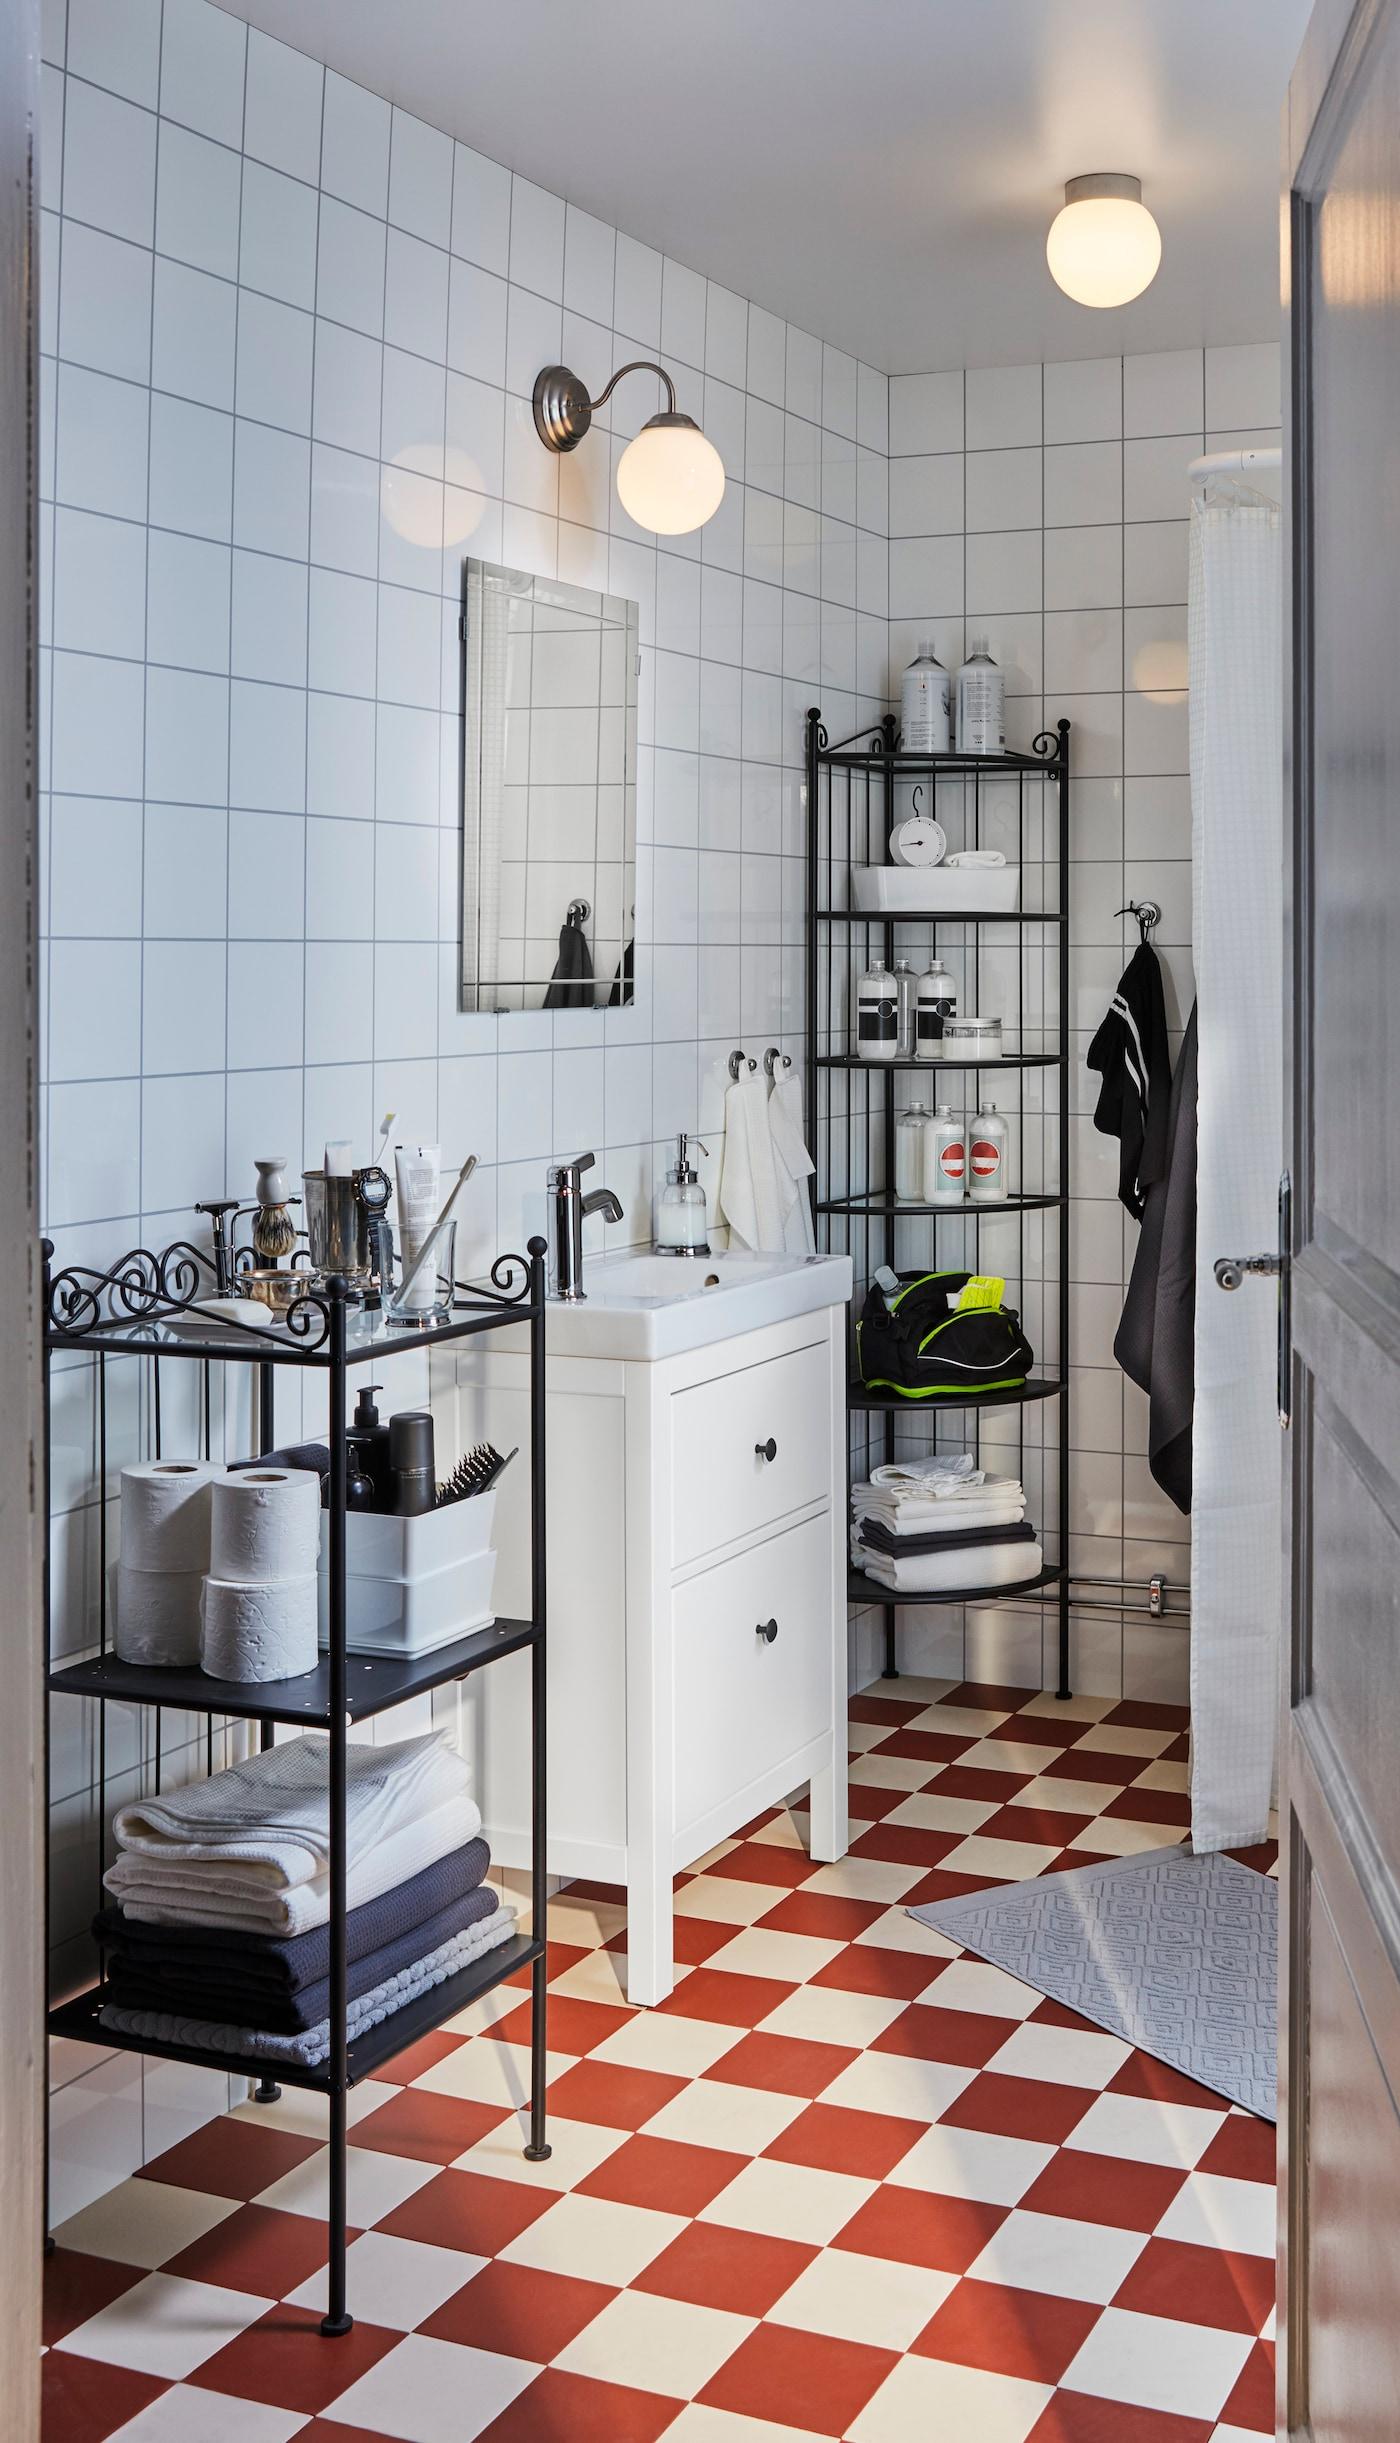 Full Size of Platzsparende Waschmaschine Praktische Designer Schrnke Fr Küche Ikea Kosten Betten 160x200 Planen Kostenlos Selber Badezimmer Bad Online Sofa Mit Wohnzimmer Ikea Hauswirtschaftsraum Planen